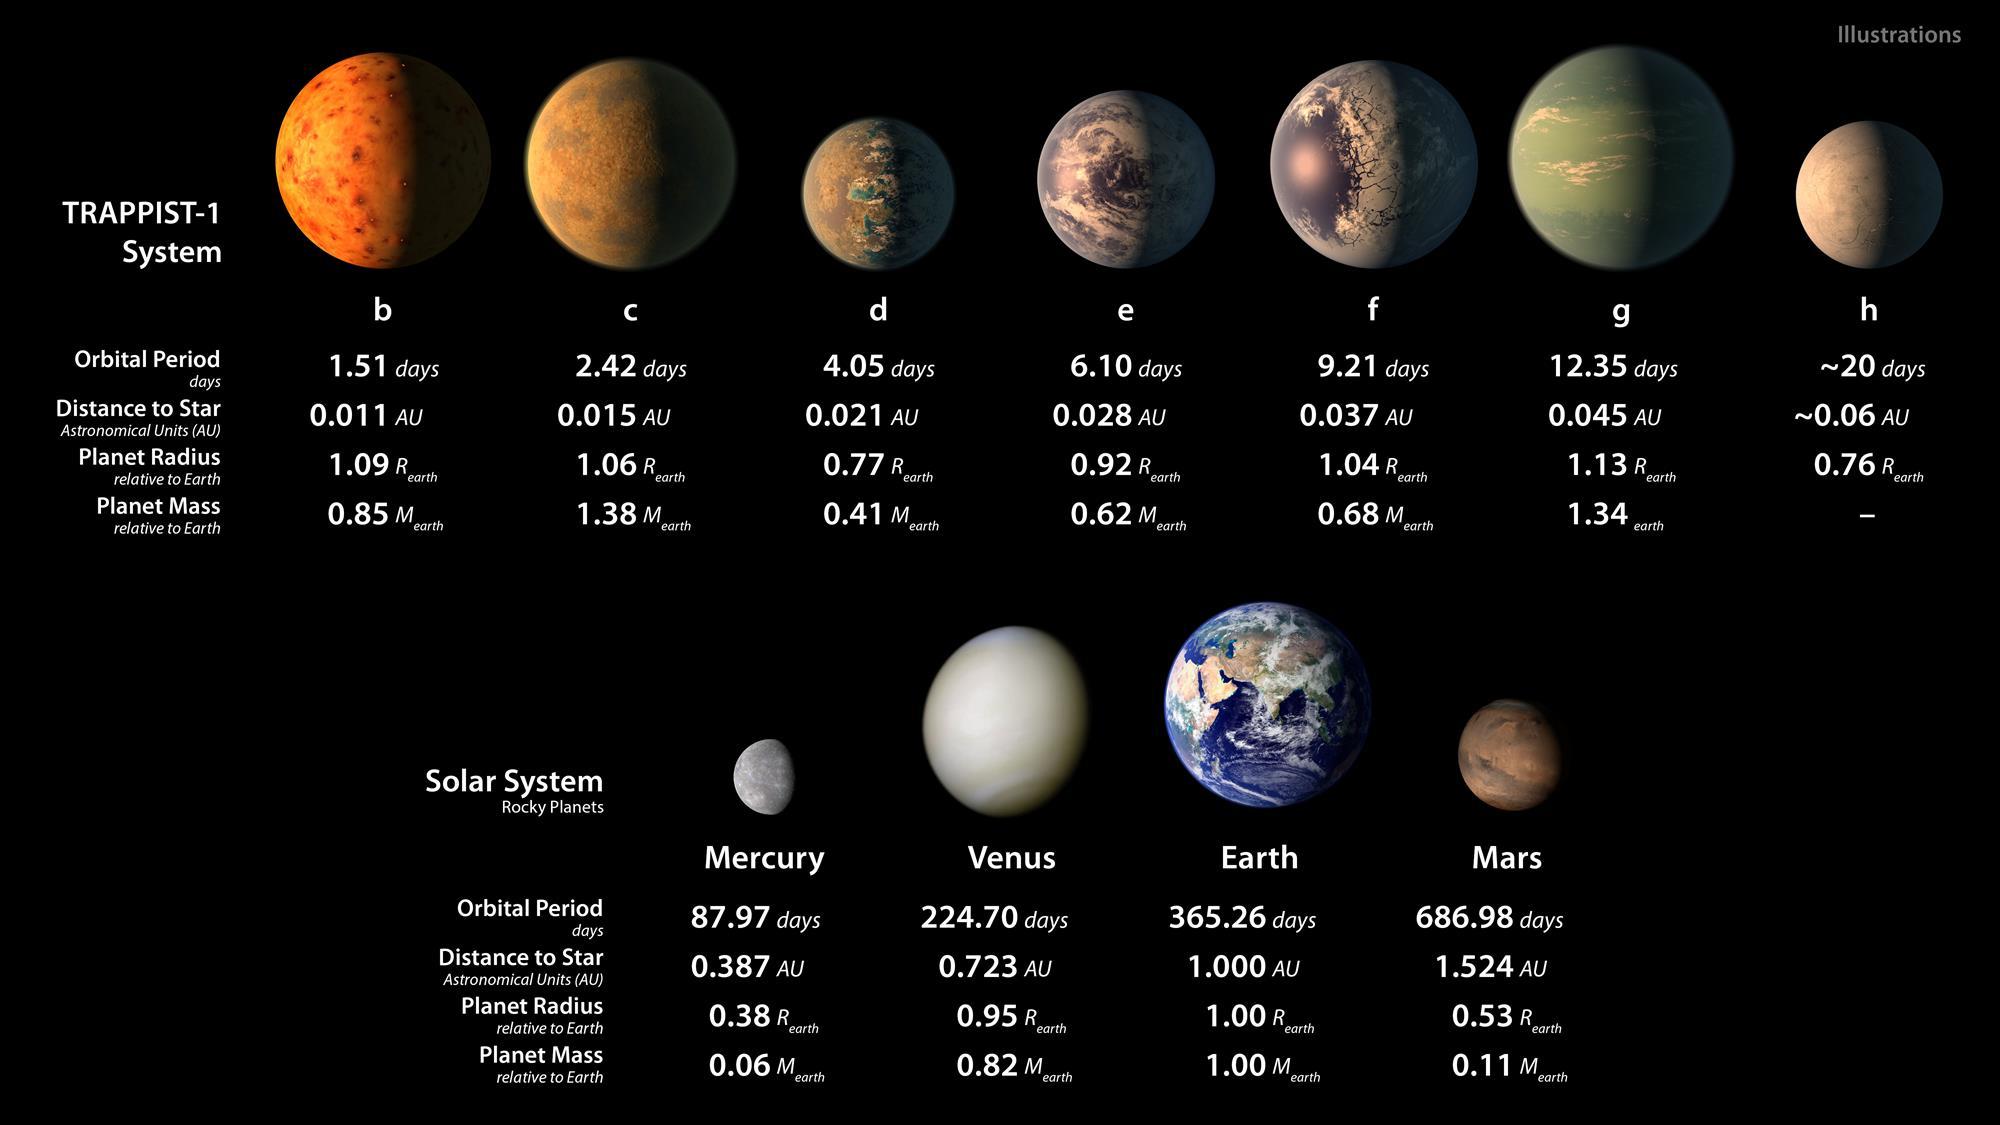 Resultado de imaxes para: la composicion de los planetas national geographic